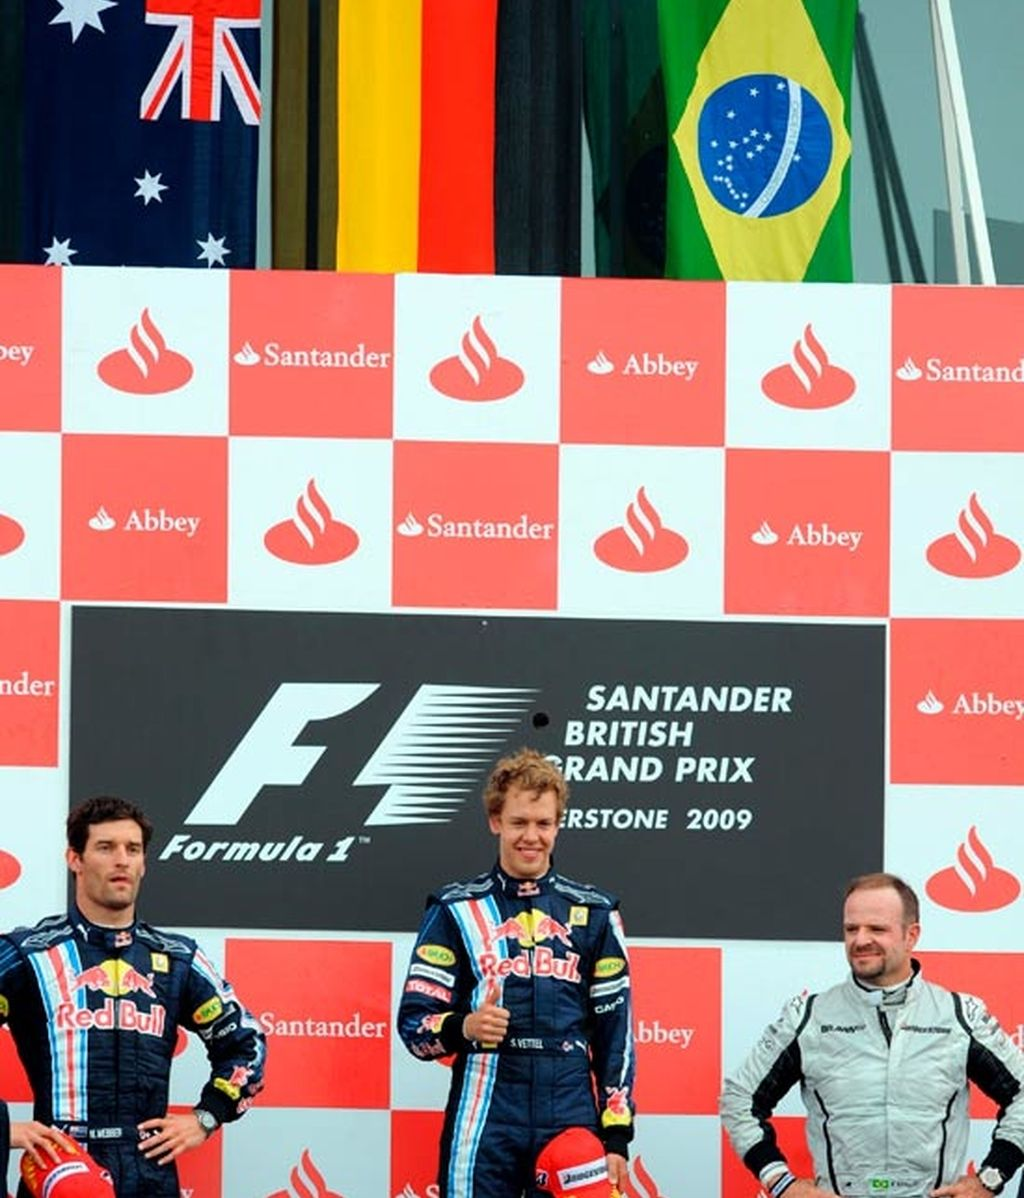 el podio en silverstone